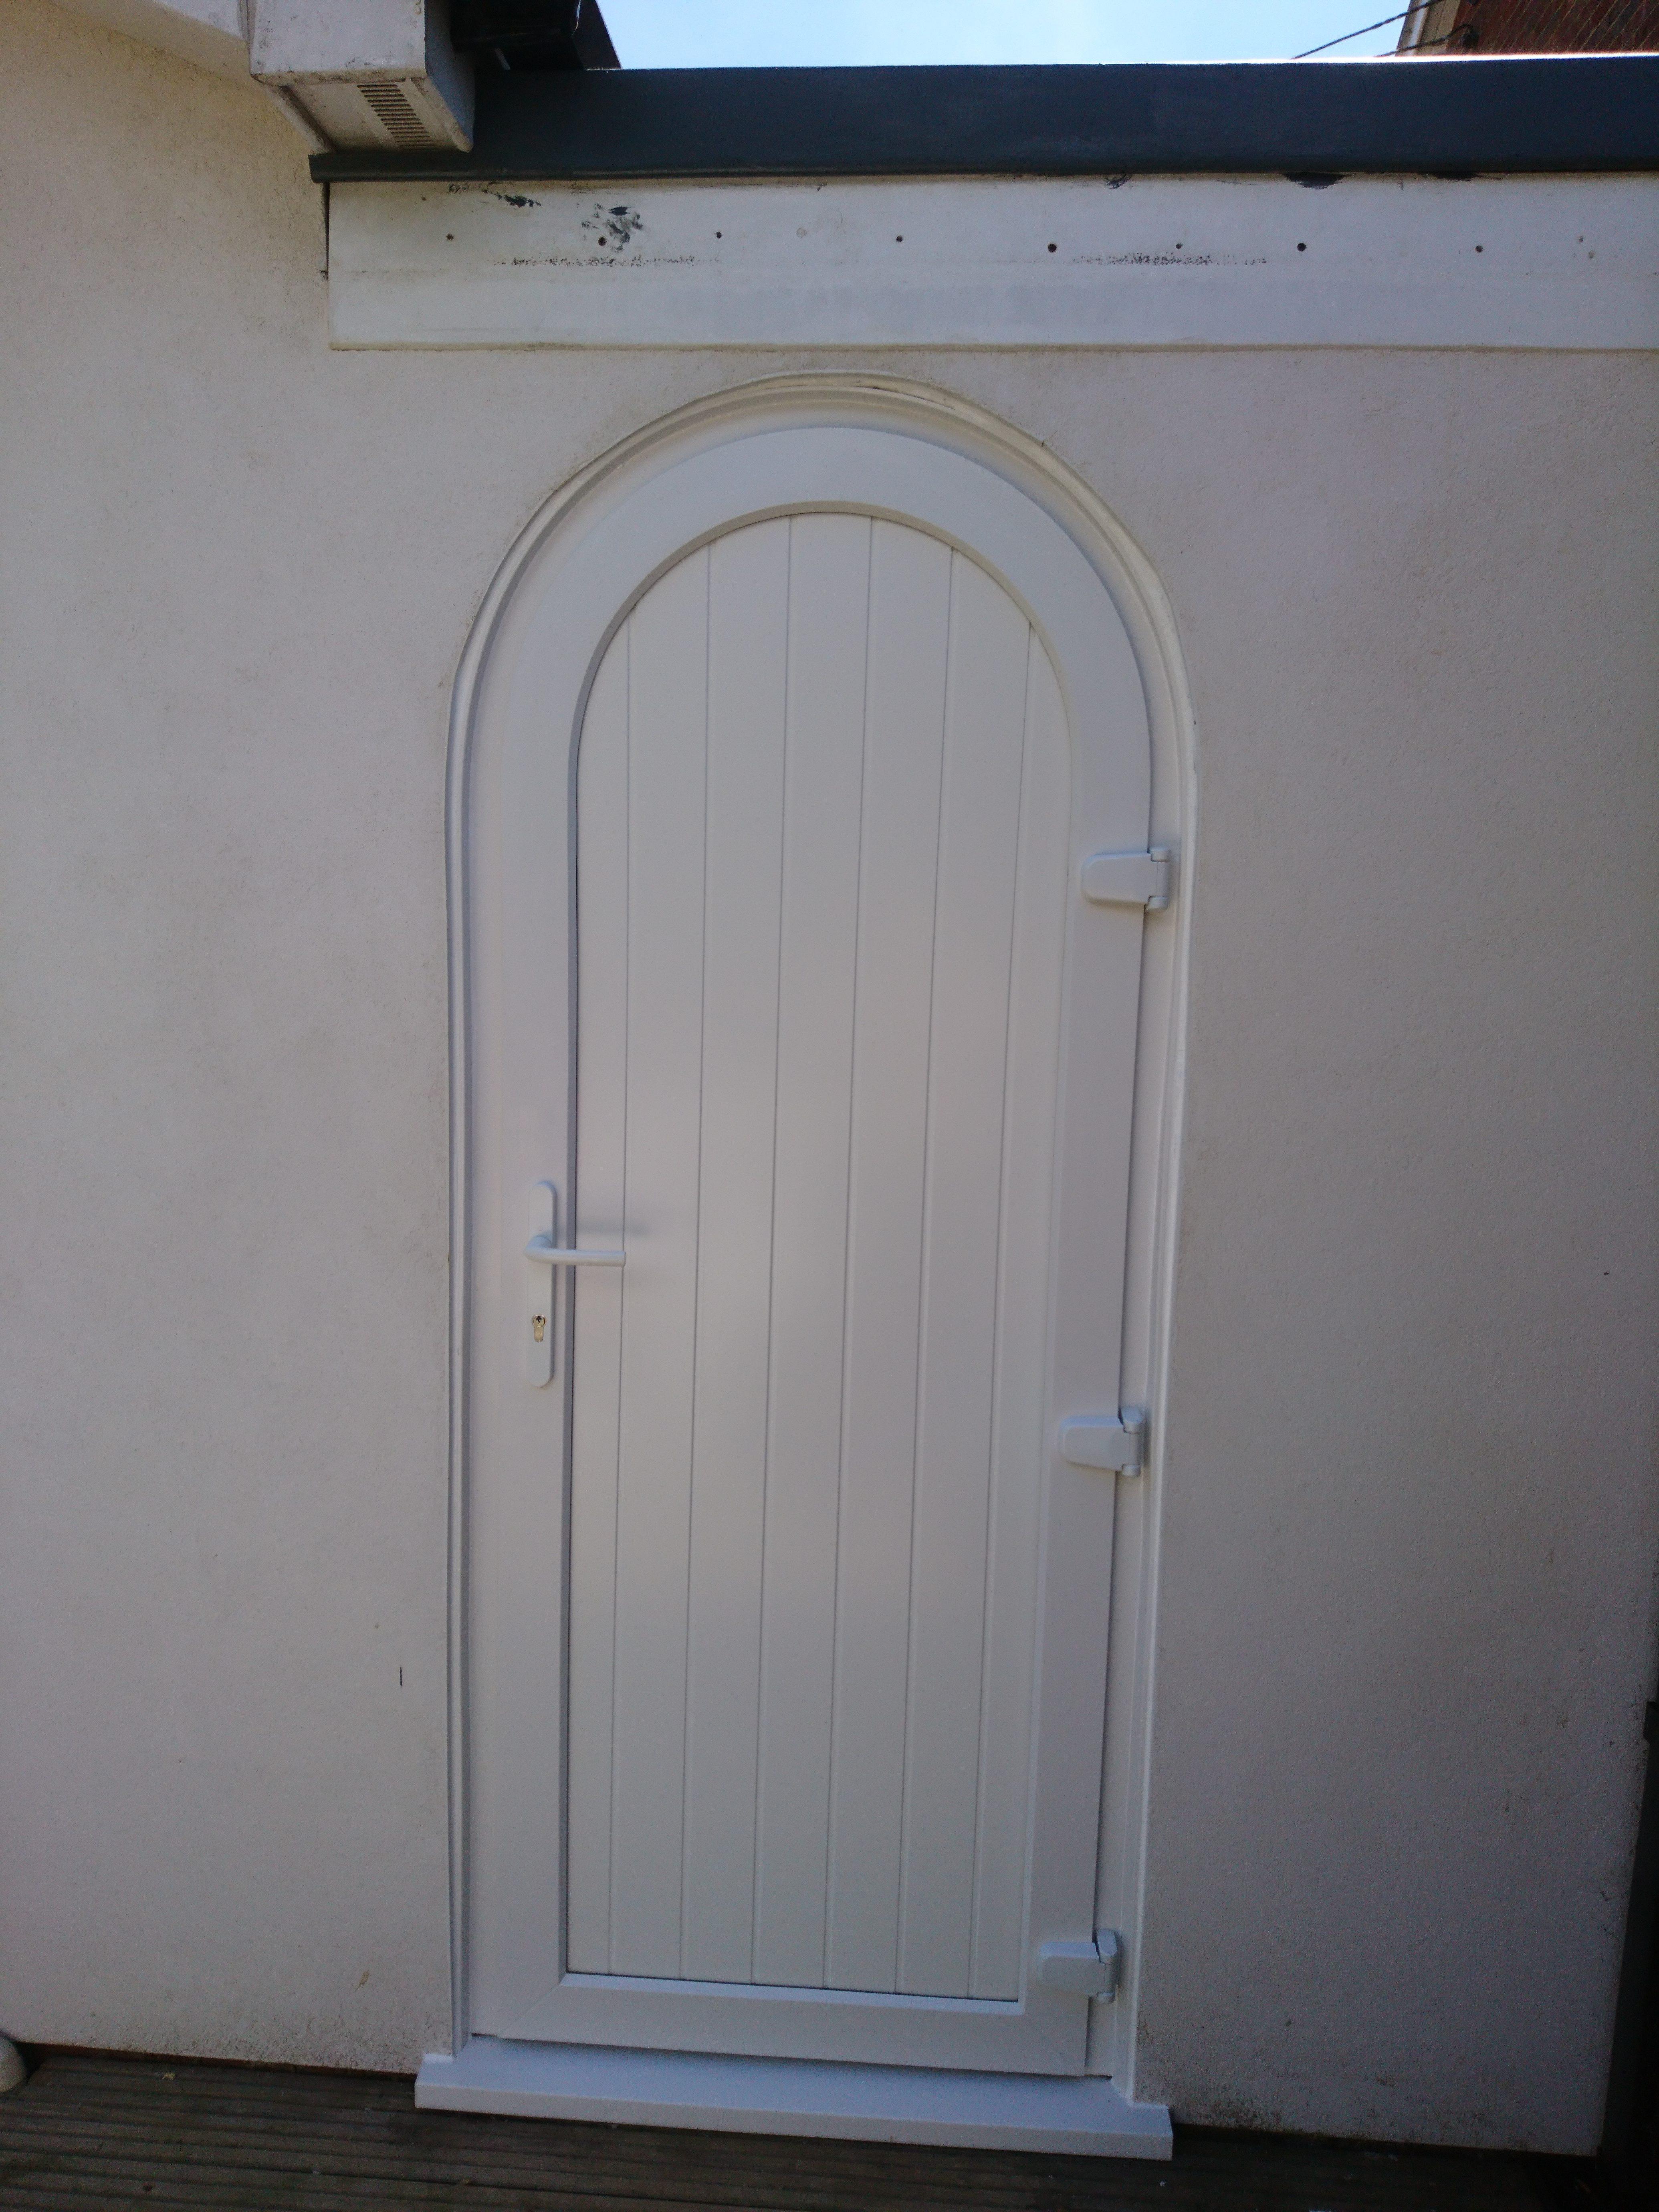 kommerling arched door2